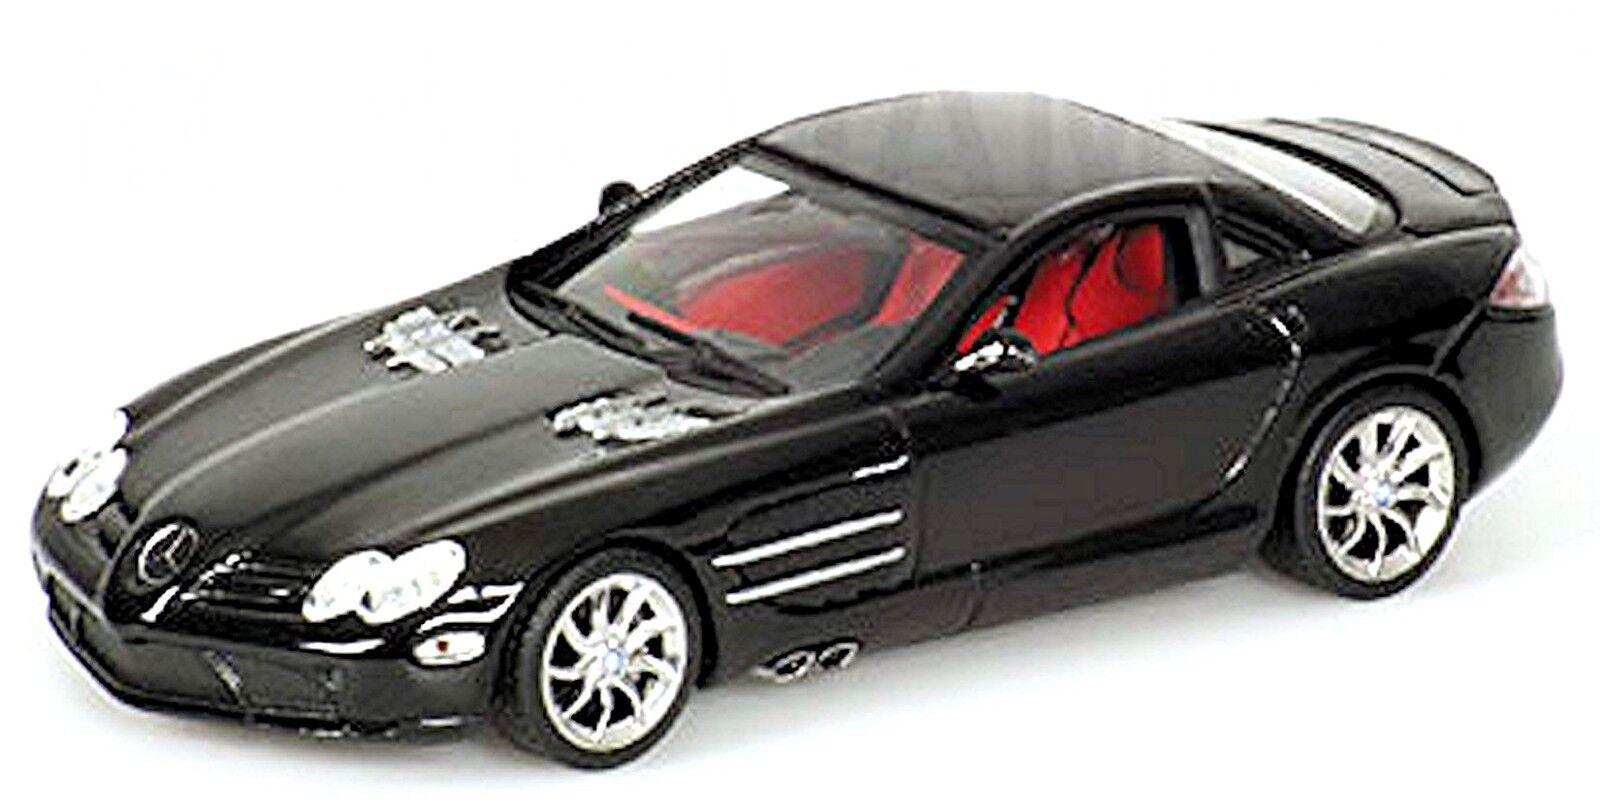 tienda de ventas outlet Mercedes Benz SLR Mclaren 2004-09 2004-09 2004-09 Negro Negro 1 43  en promociones de estadios